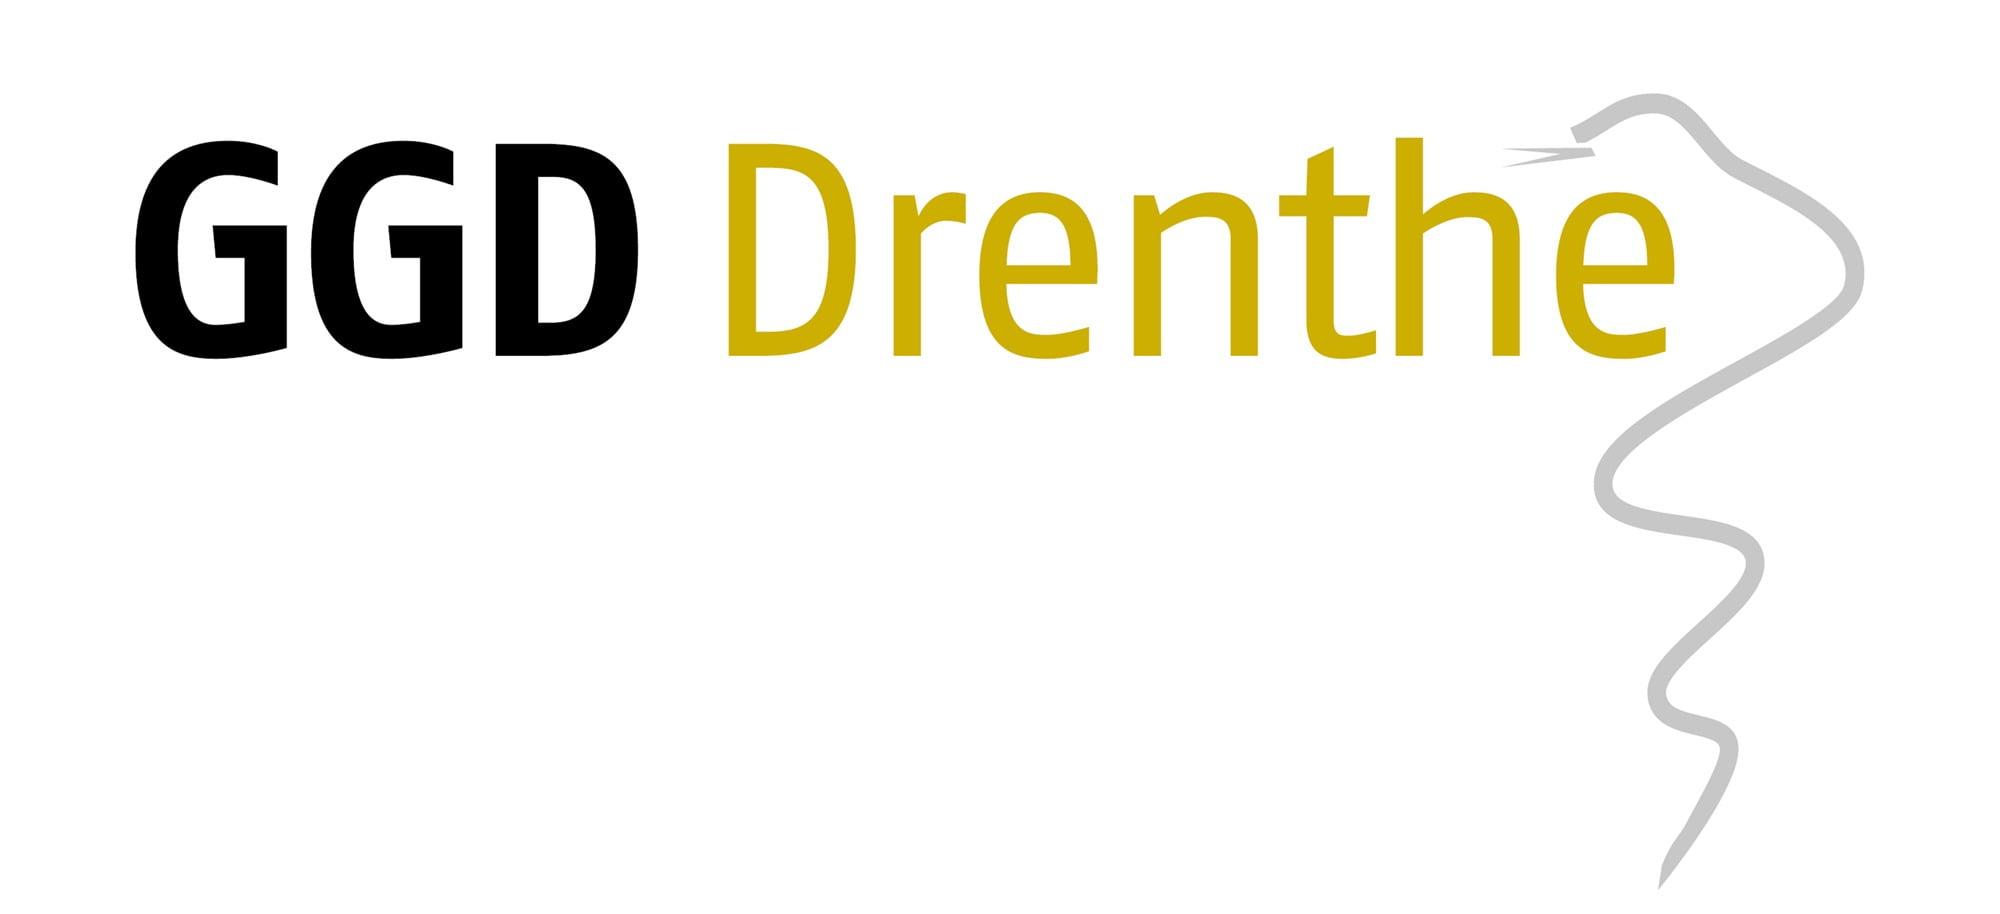 logo-ggd-drenthe.jpg